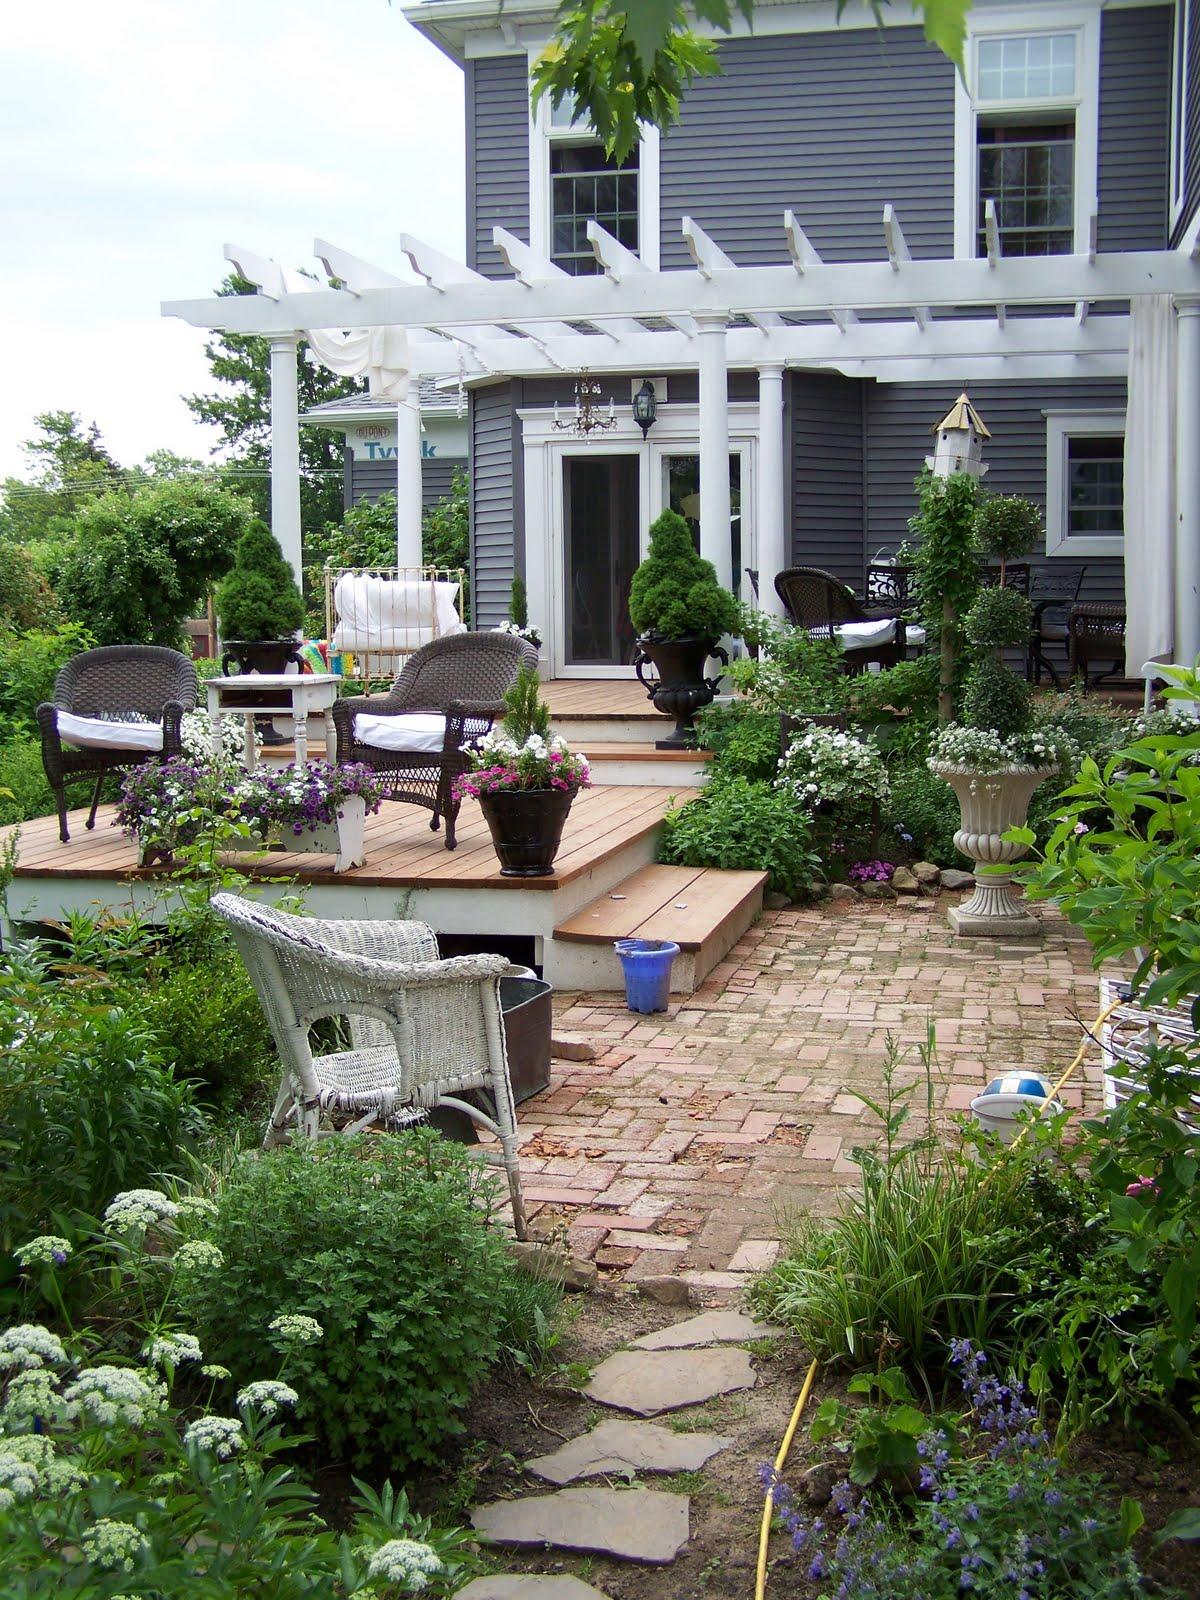 Great Outdoor Spaces - Patio + Porch Ideas | COCOCOZY on Outdoor Deck Patio Ideas id=61827